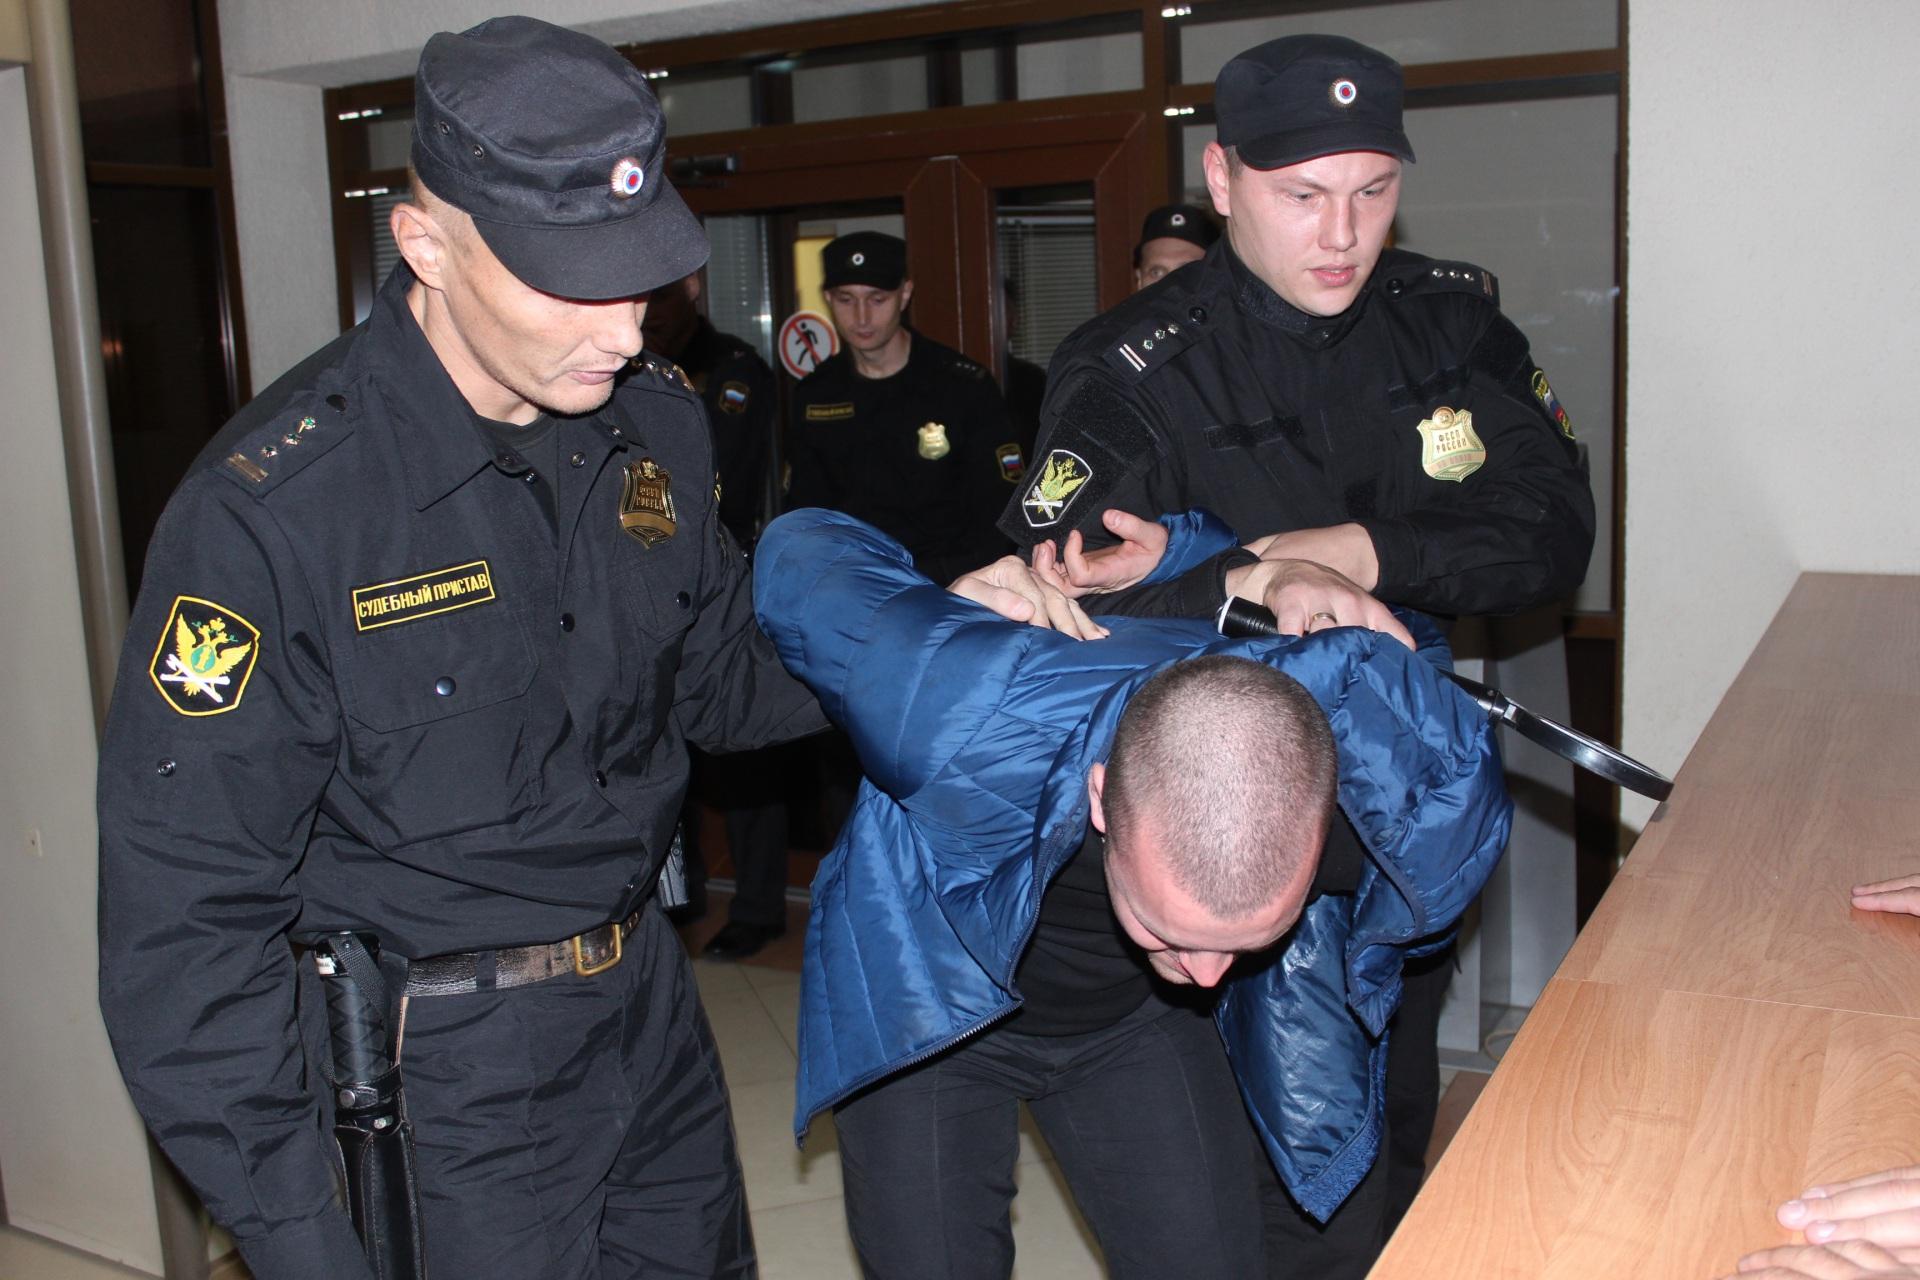 Жители Коми пытались пронести в здания судов почти две тысячи запрещенных предметов